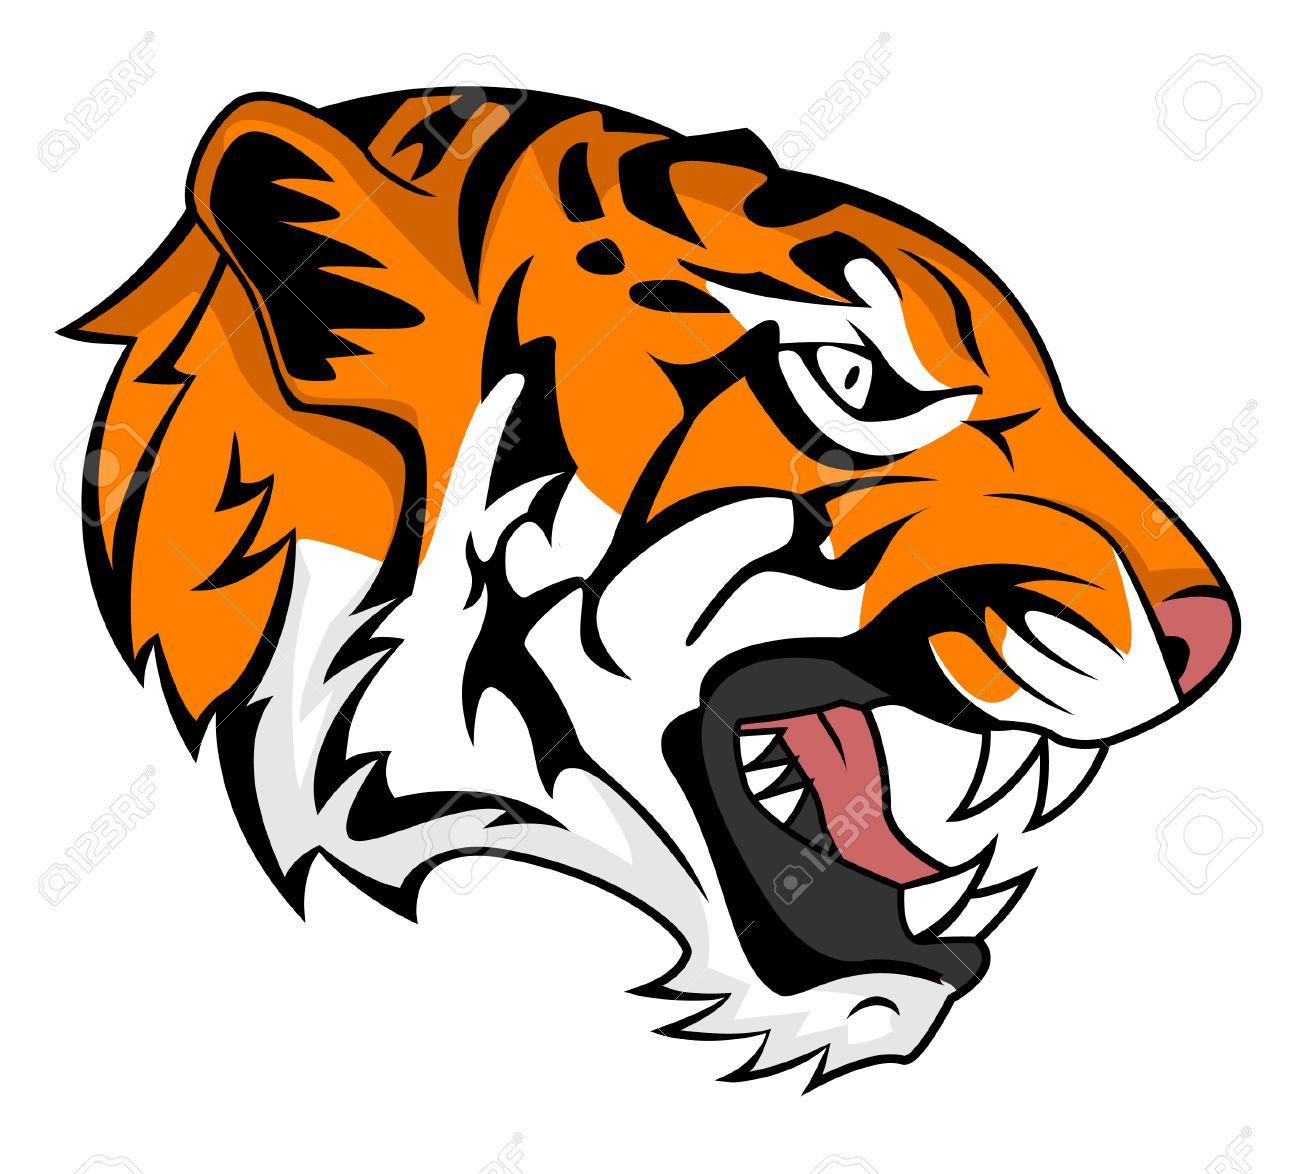 roaring tiger tattoo profile google search eyeless tiger tattoo rh pinterest com Auburn Tigers Wallpaper Auburn Tigers Wallpaper